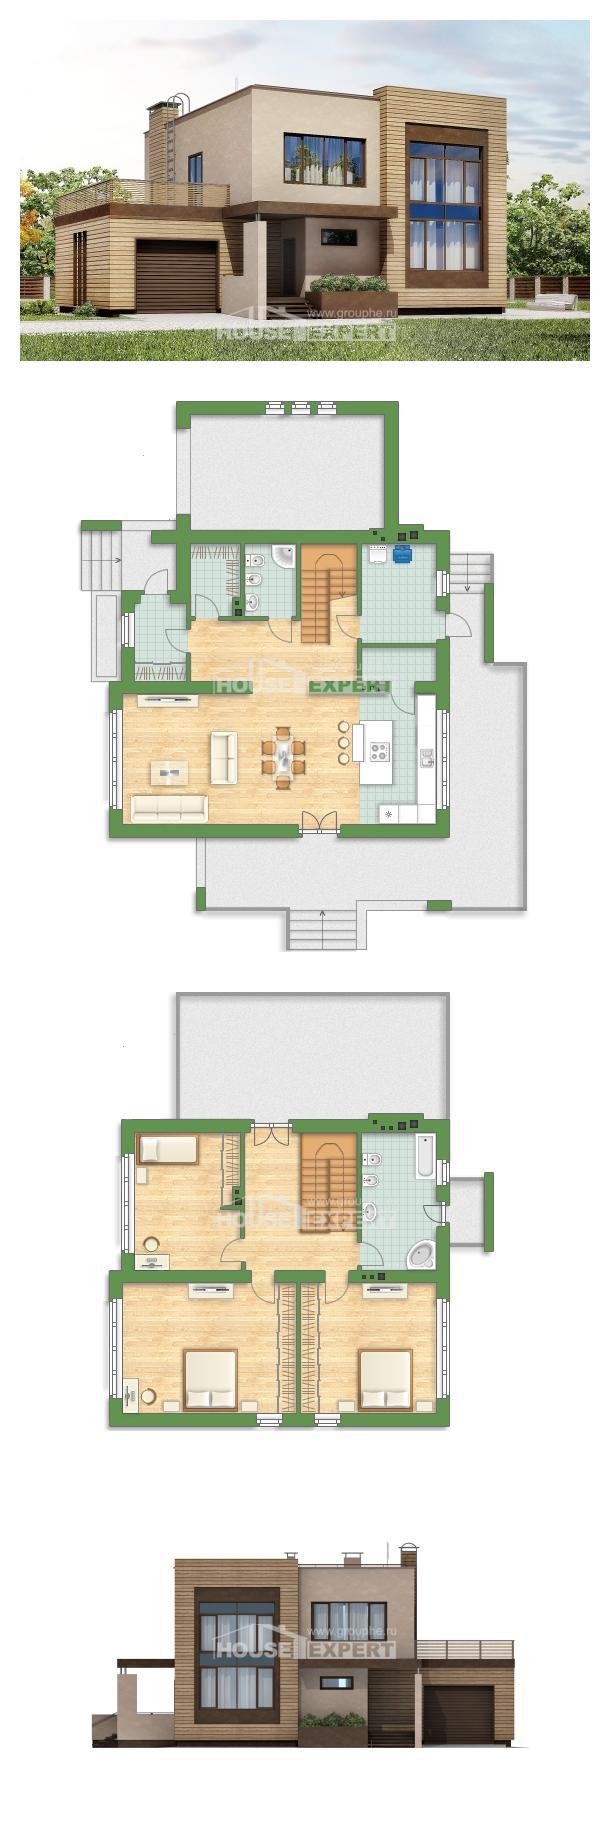 Plan 220-003-L | House Expert